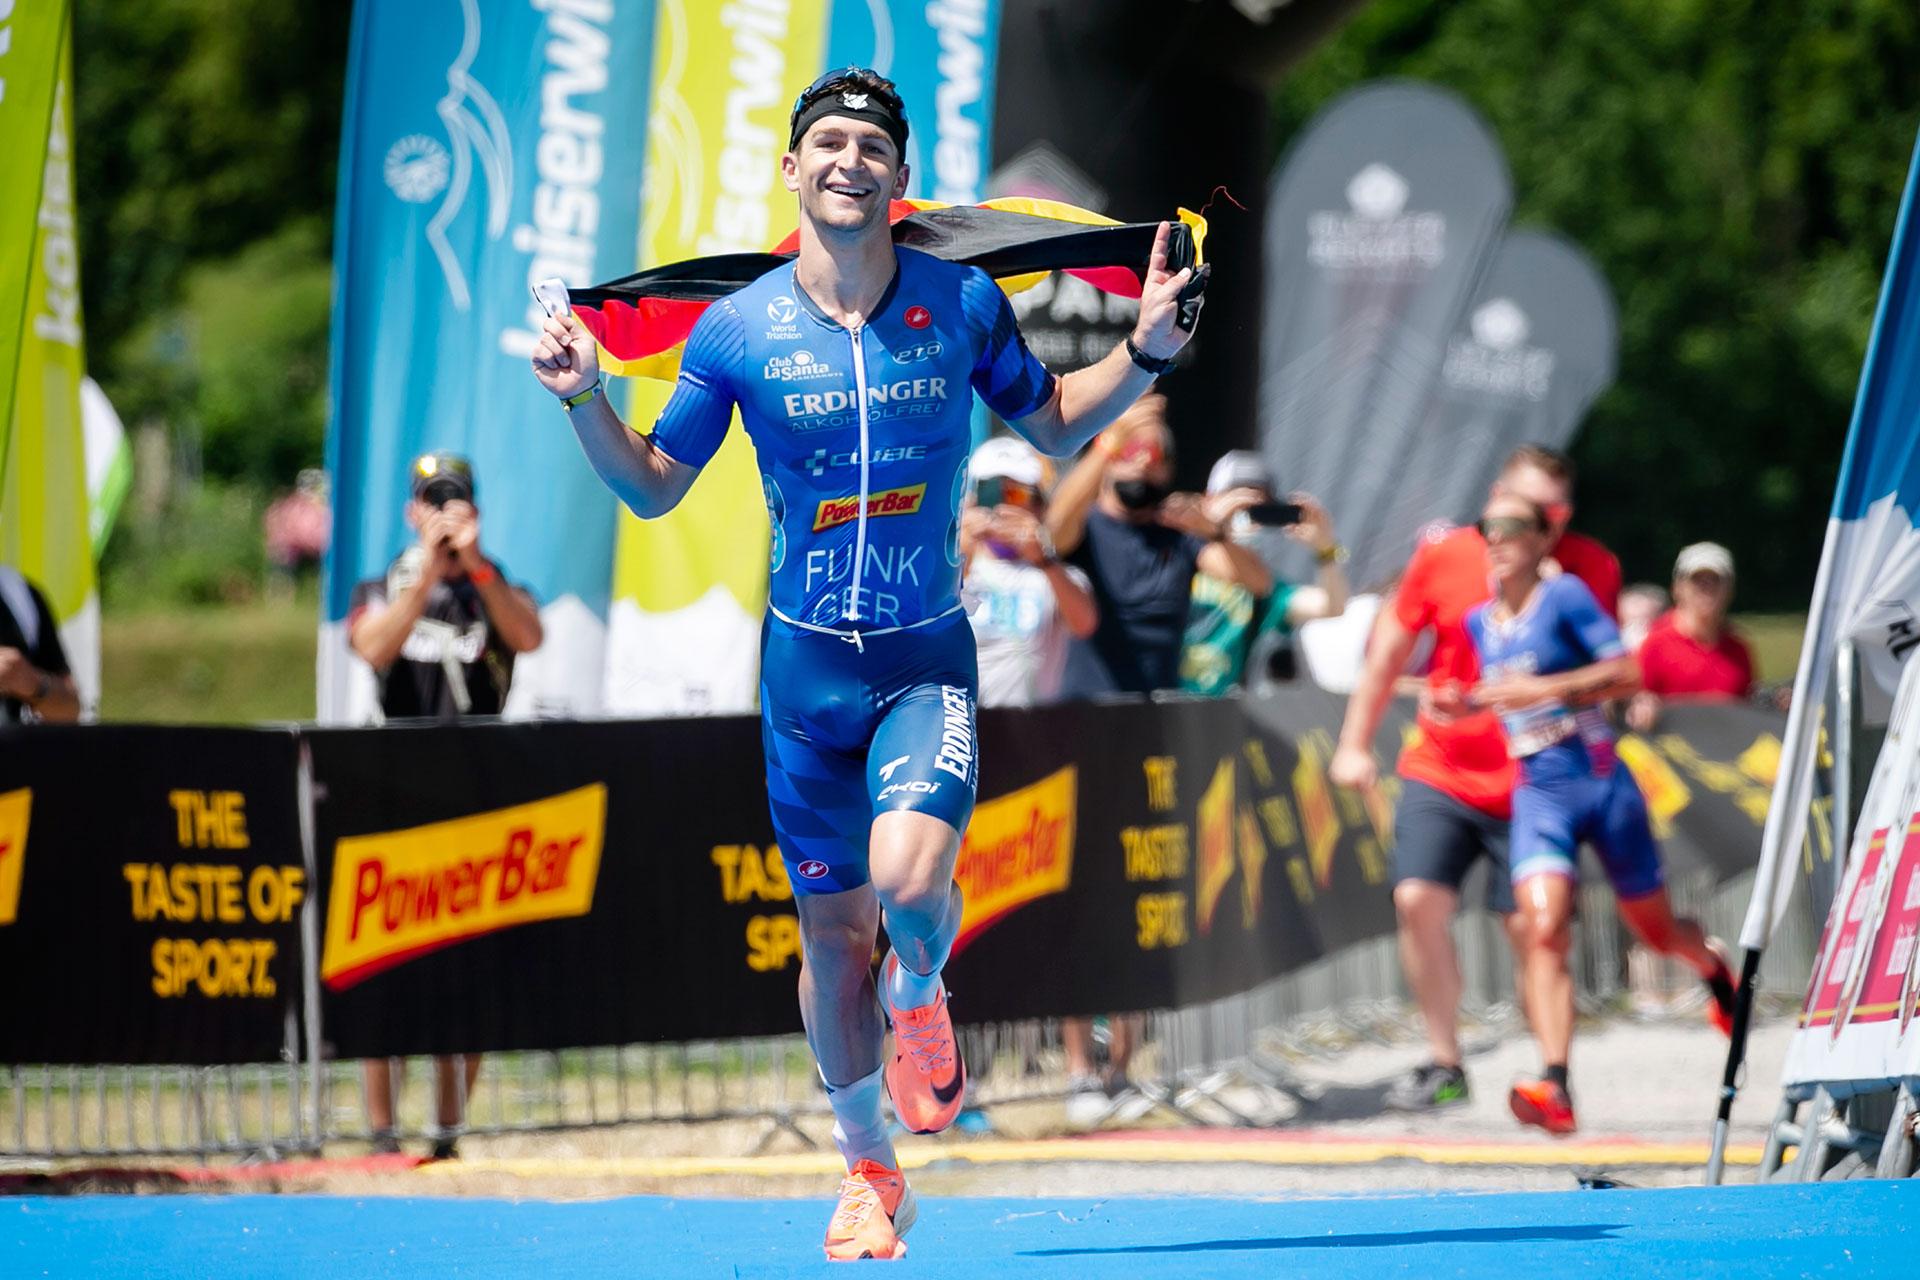 20210627_triathlon_walchsee_gewinner_0001x1920